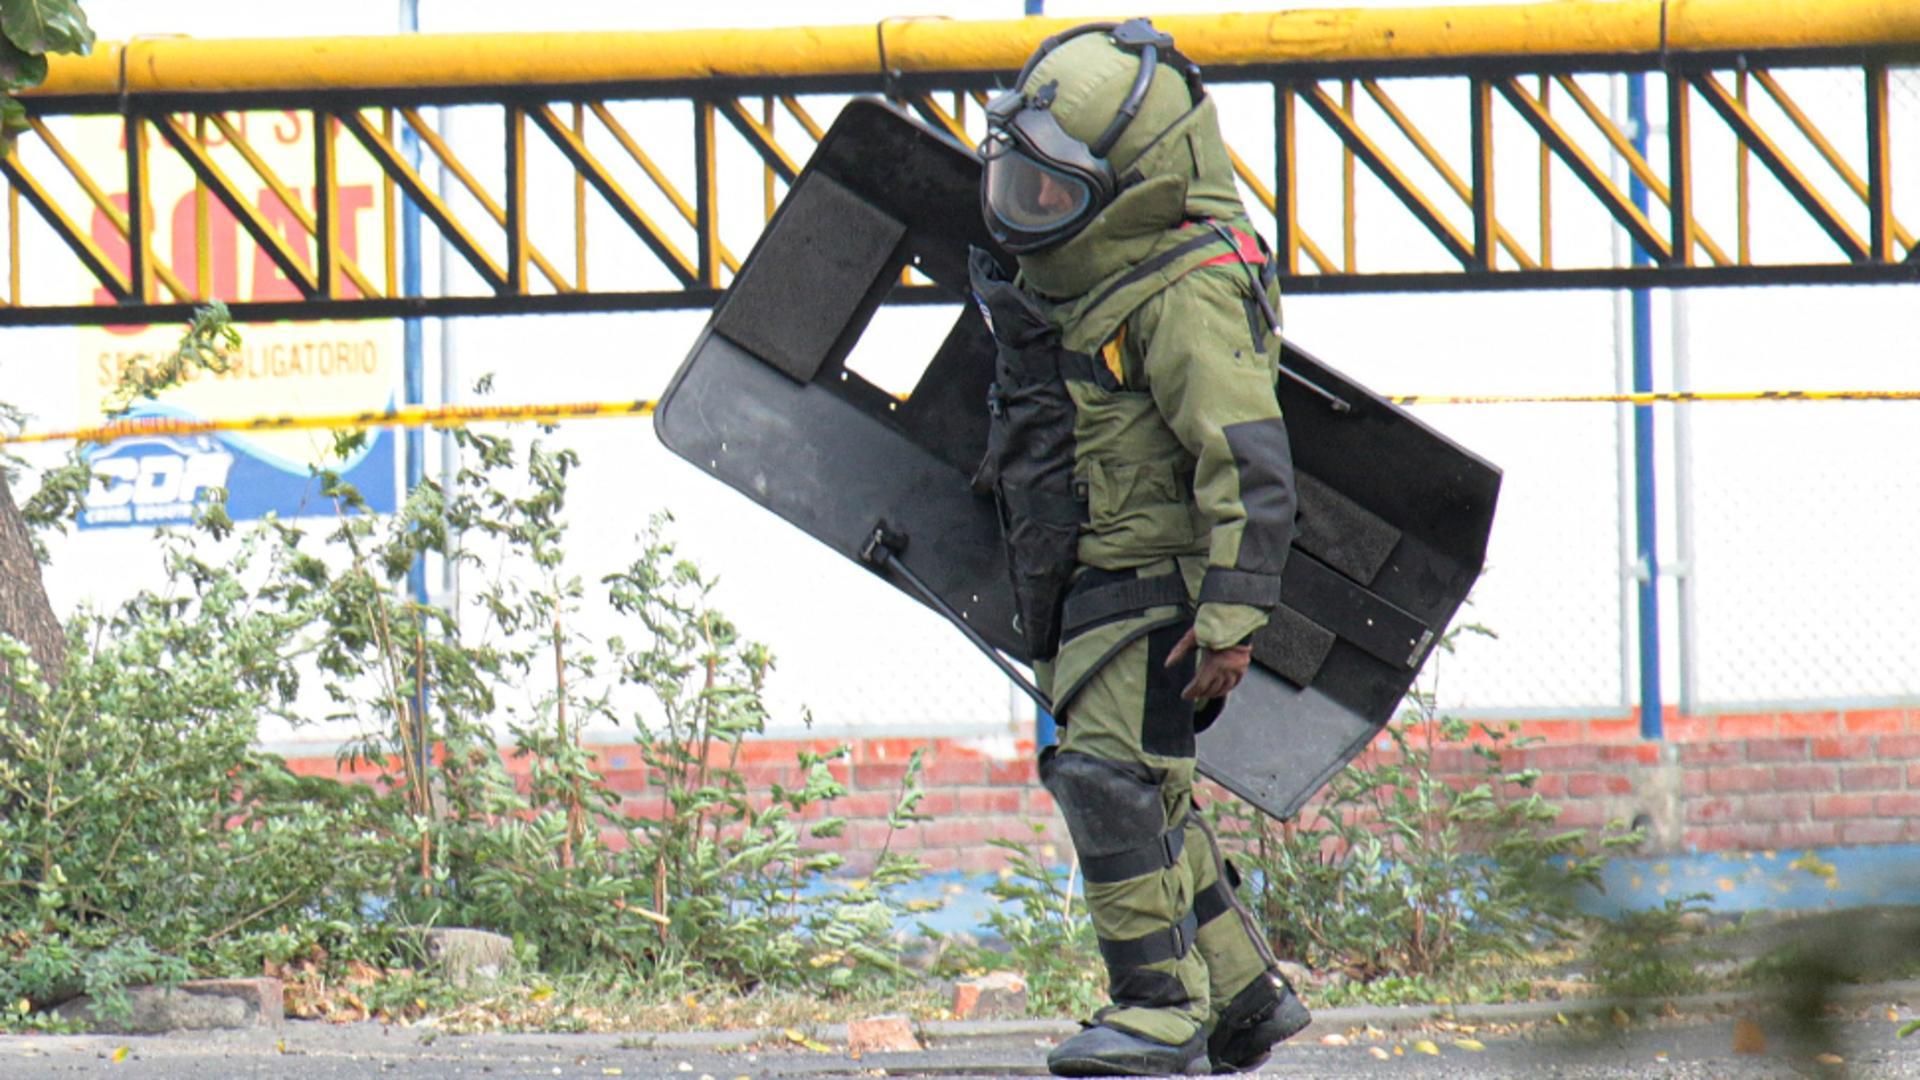 Atentat cu mașină-capcană în Columbia / Foto: Profi Media